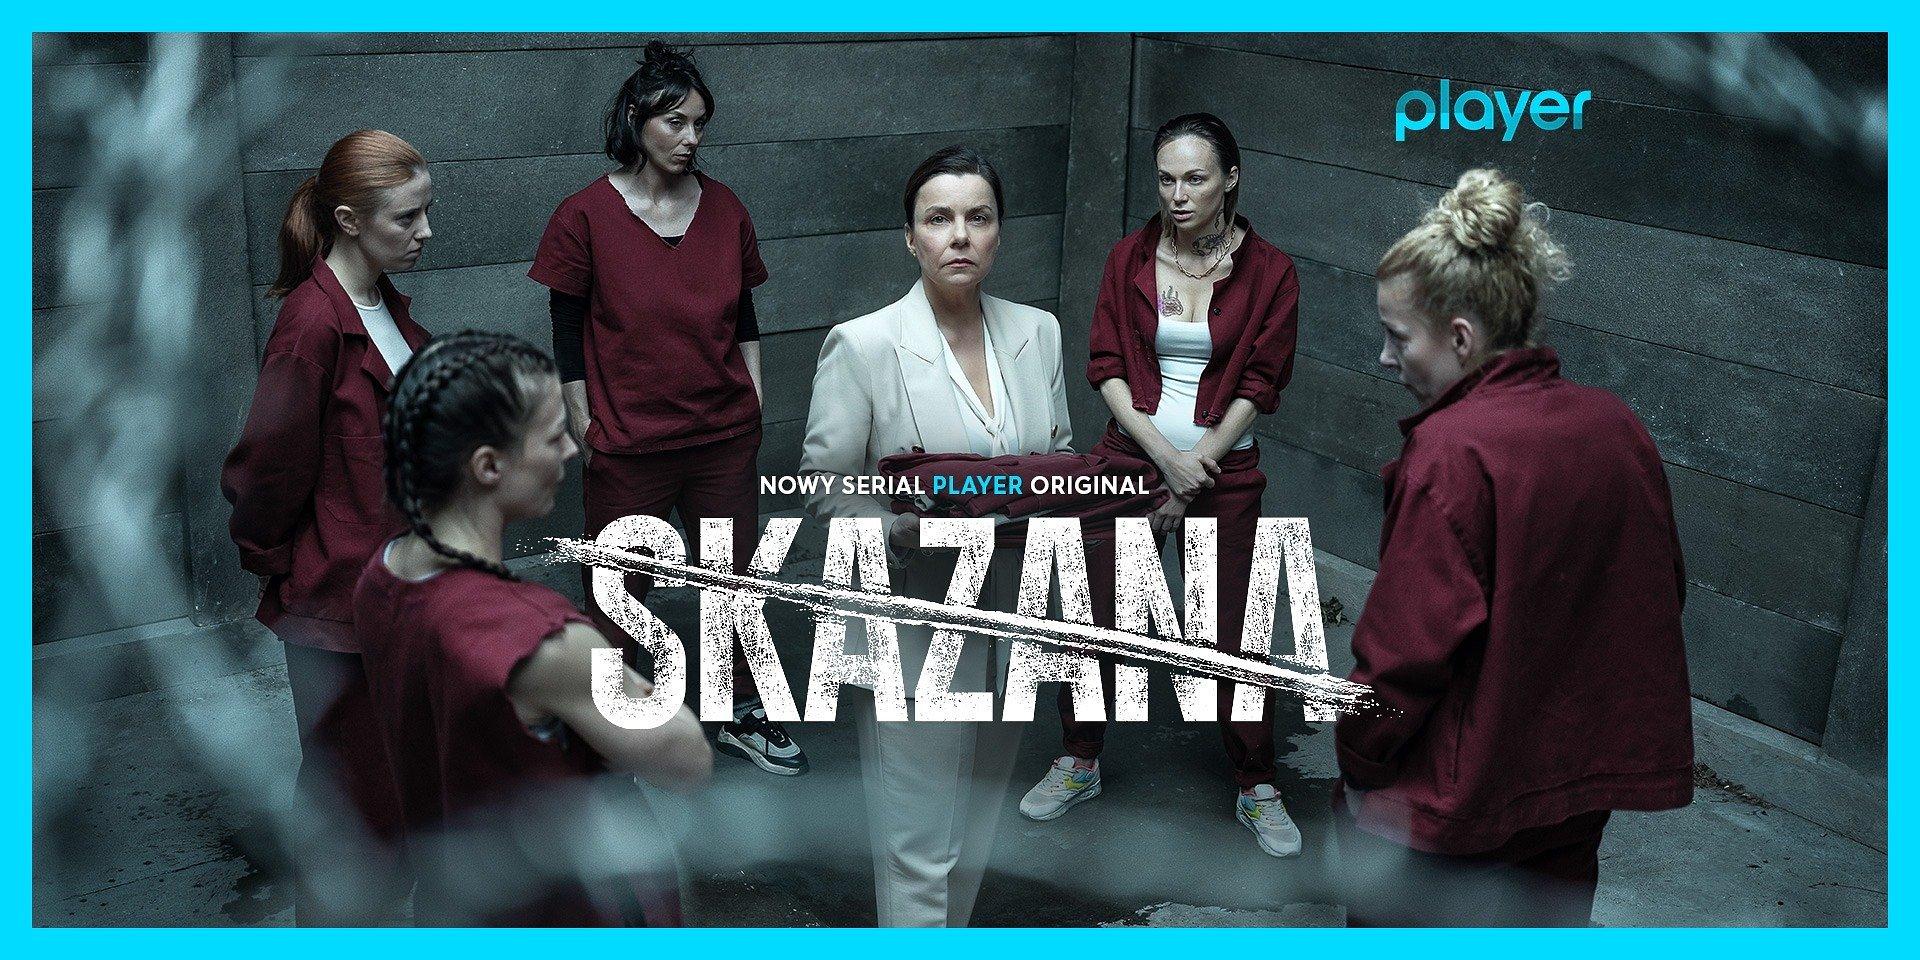 """Serial """"Skazana"""" już dostępny w player.pl. Poznaj bohaterów nowej produkcji!"""